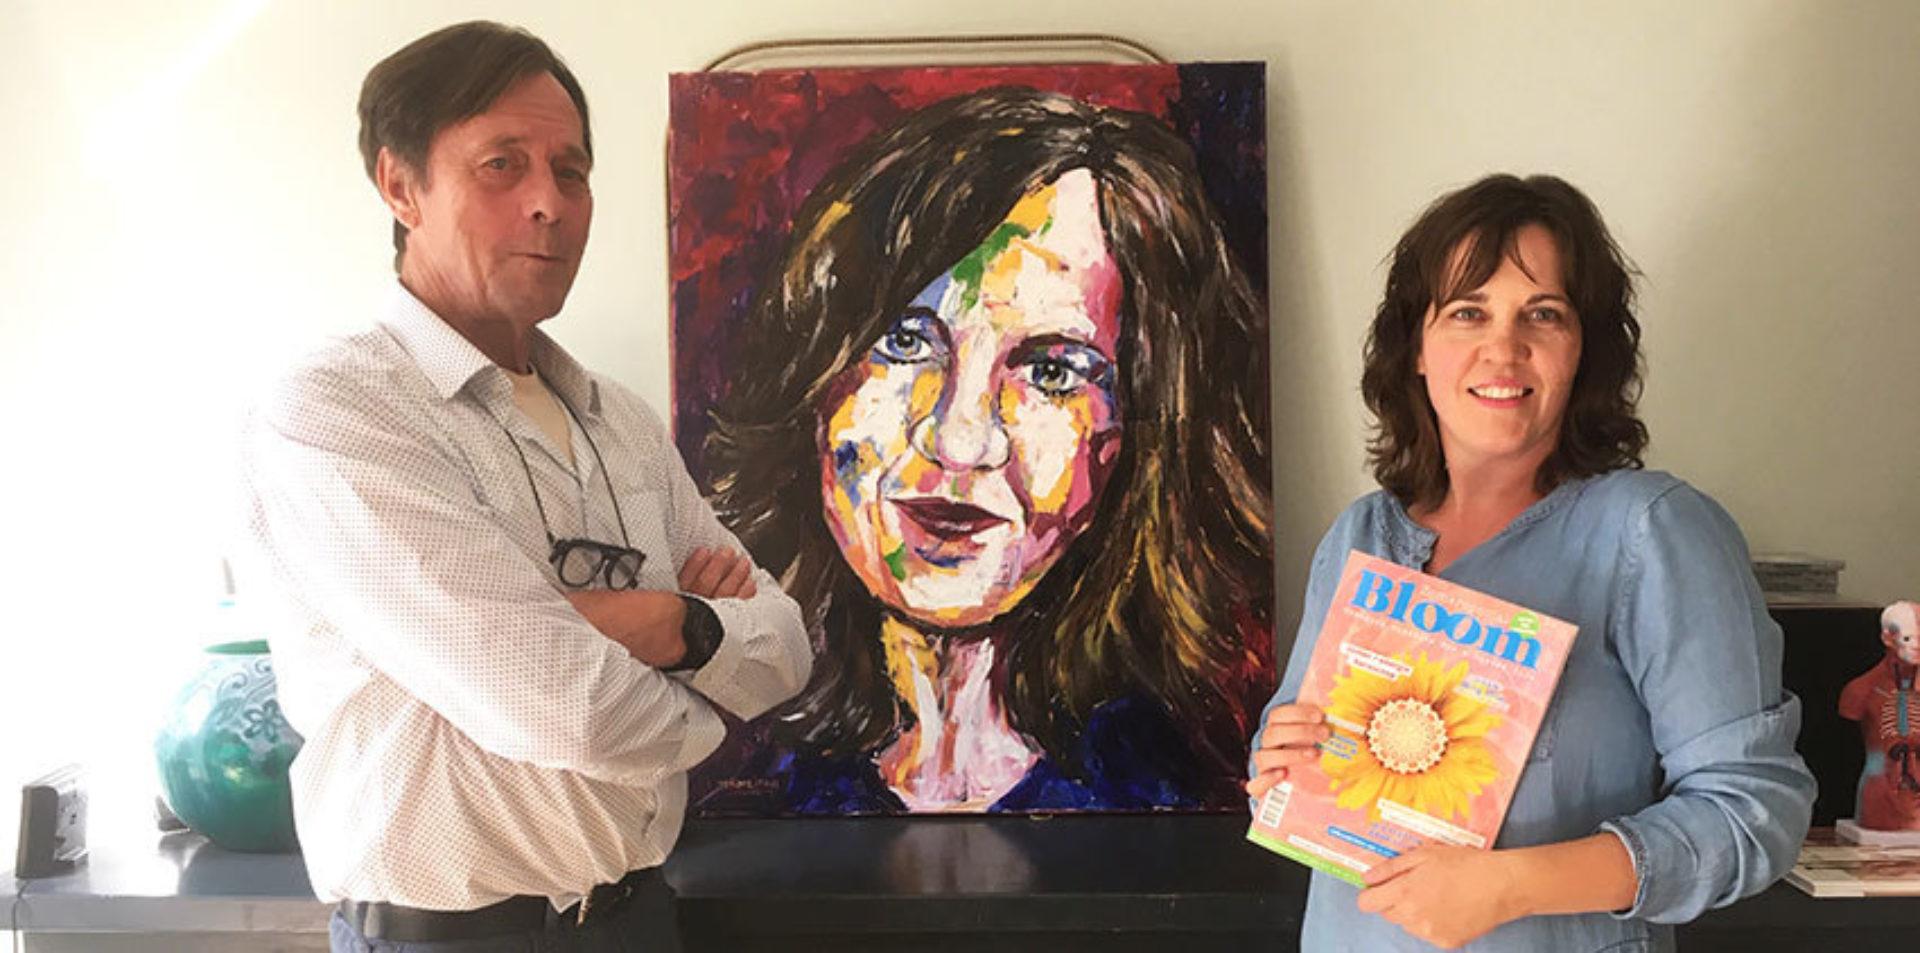 Drumroll please... Manon won een persoonlijk portret door kunstenaar Lambertus!